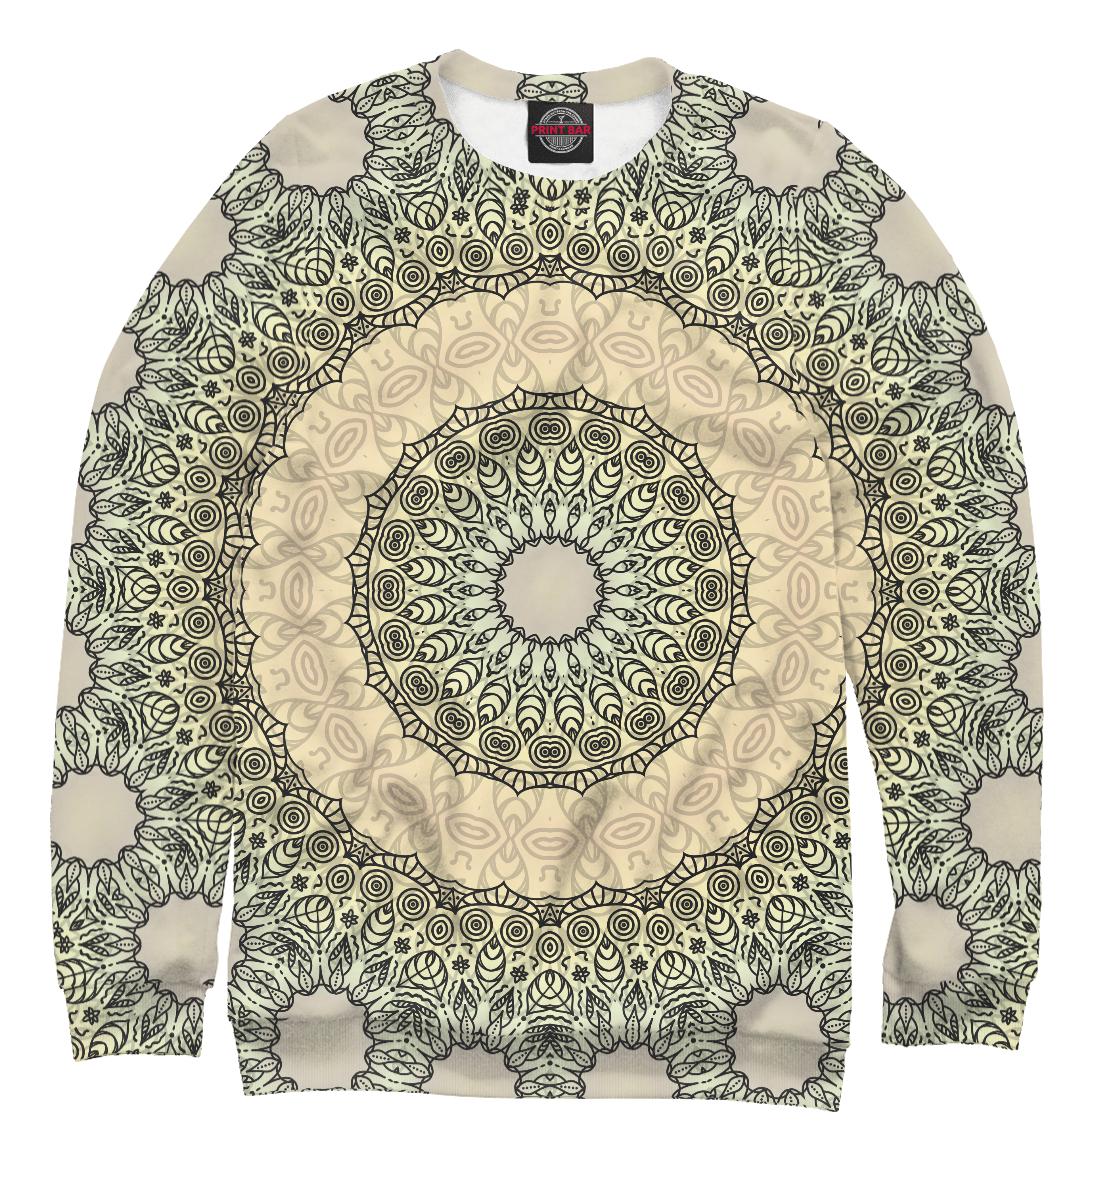 Купить Mandala, Printbar, Свитшоты, PSY-323179-swi-1